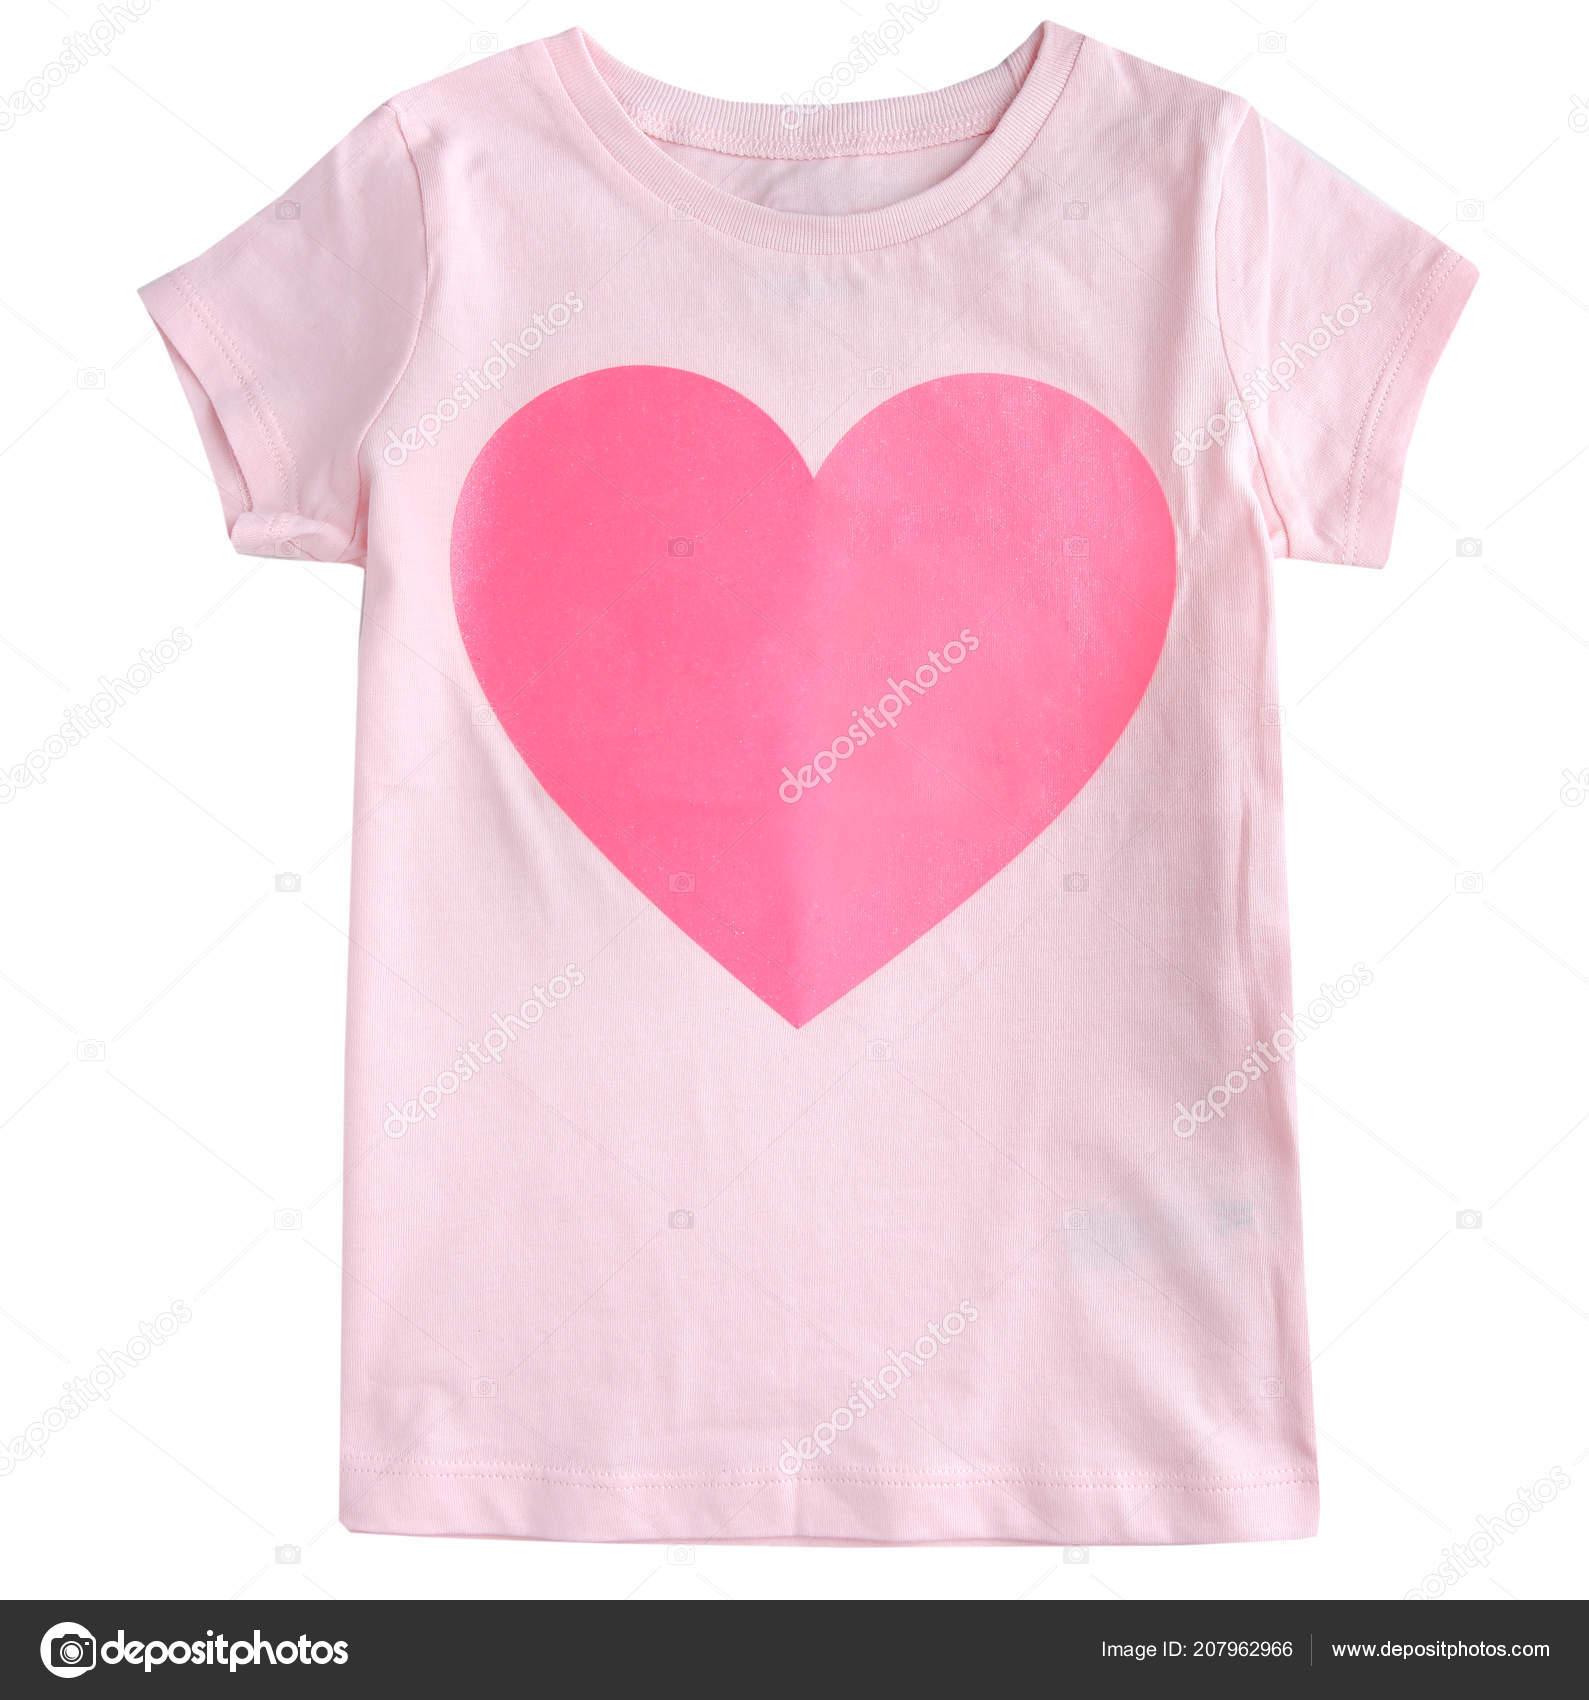 1c5a0d3692ab Tričko Prázdné Prázdné Srdce Samostatný Láska Koncepce Designu — Stock  fotografie